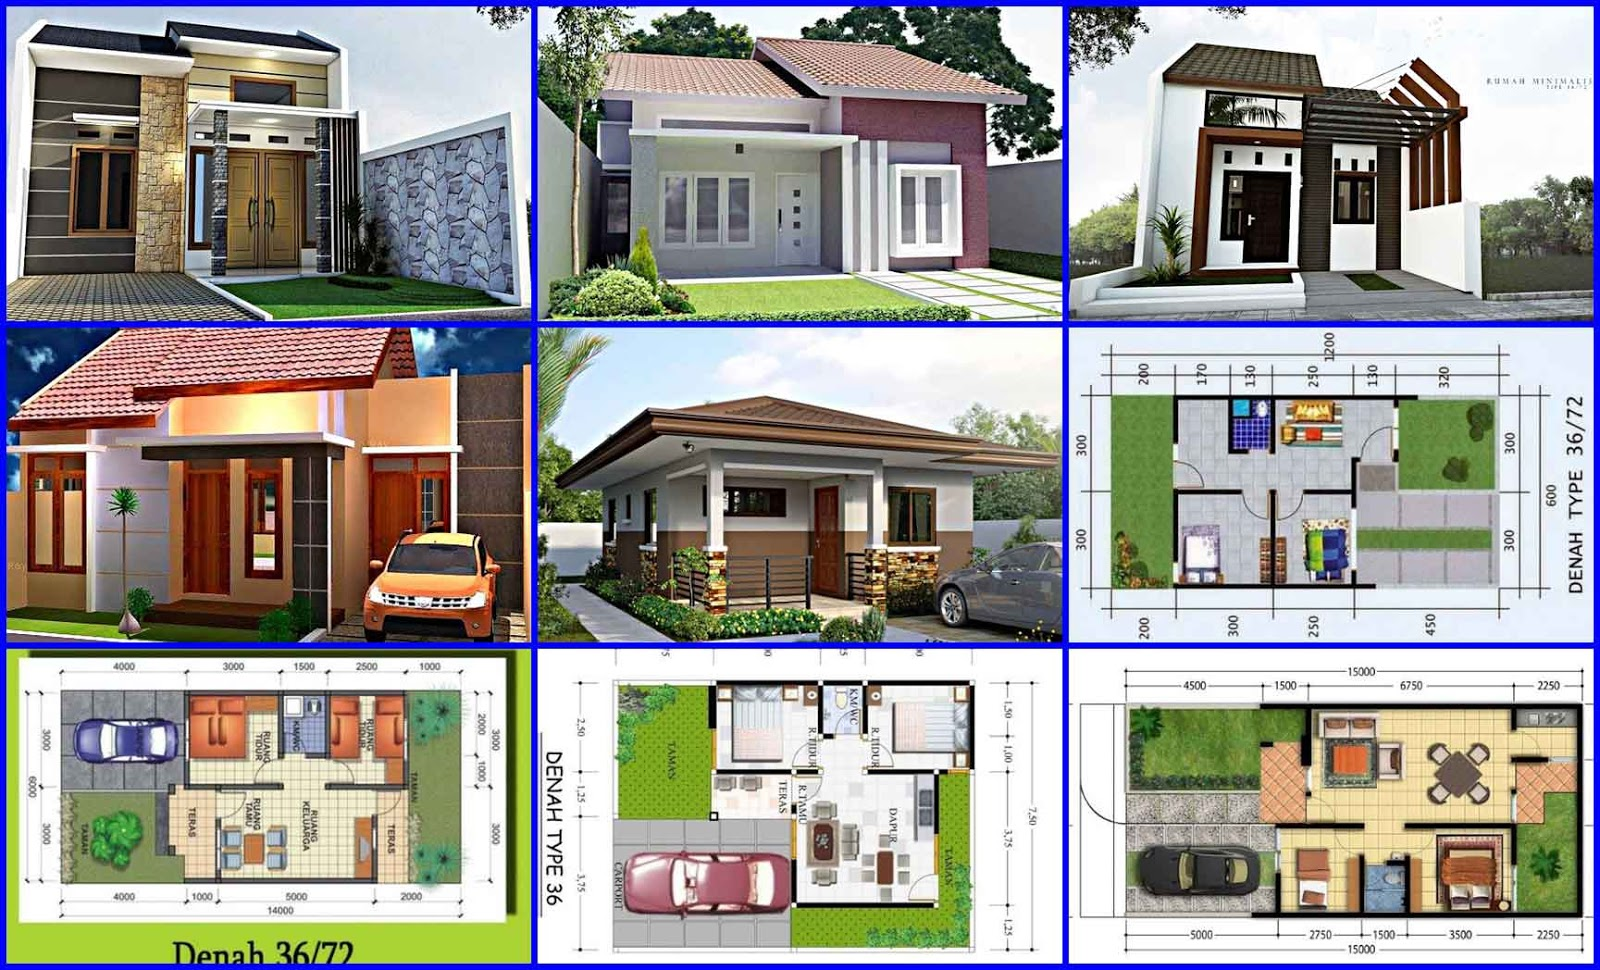 9000 Gambar Desain Rumah Type 36 3 Kamar Yang Bisa Anda Tiru Download